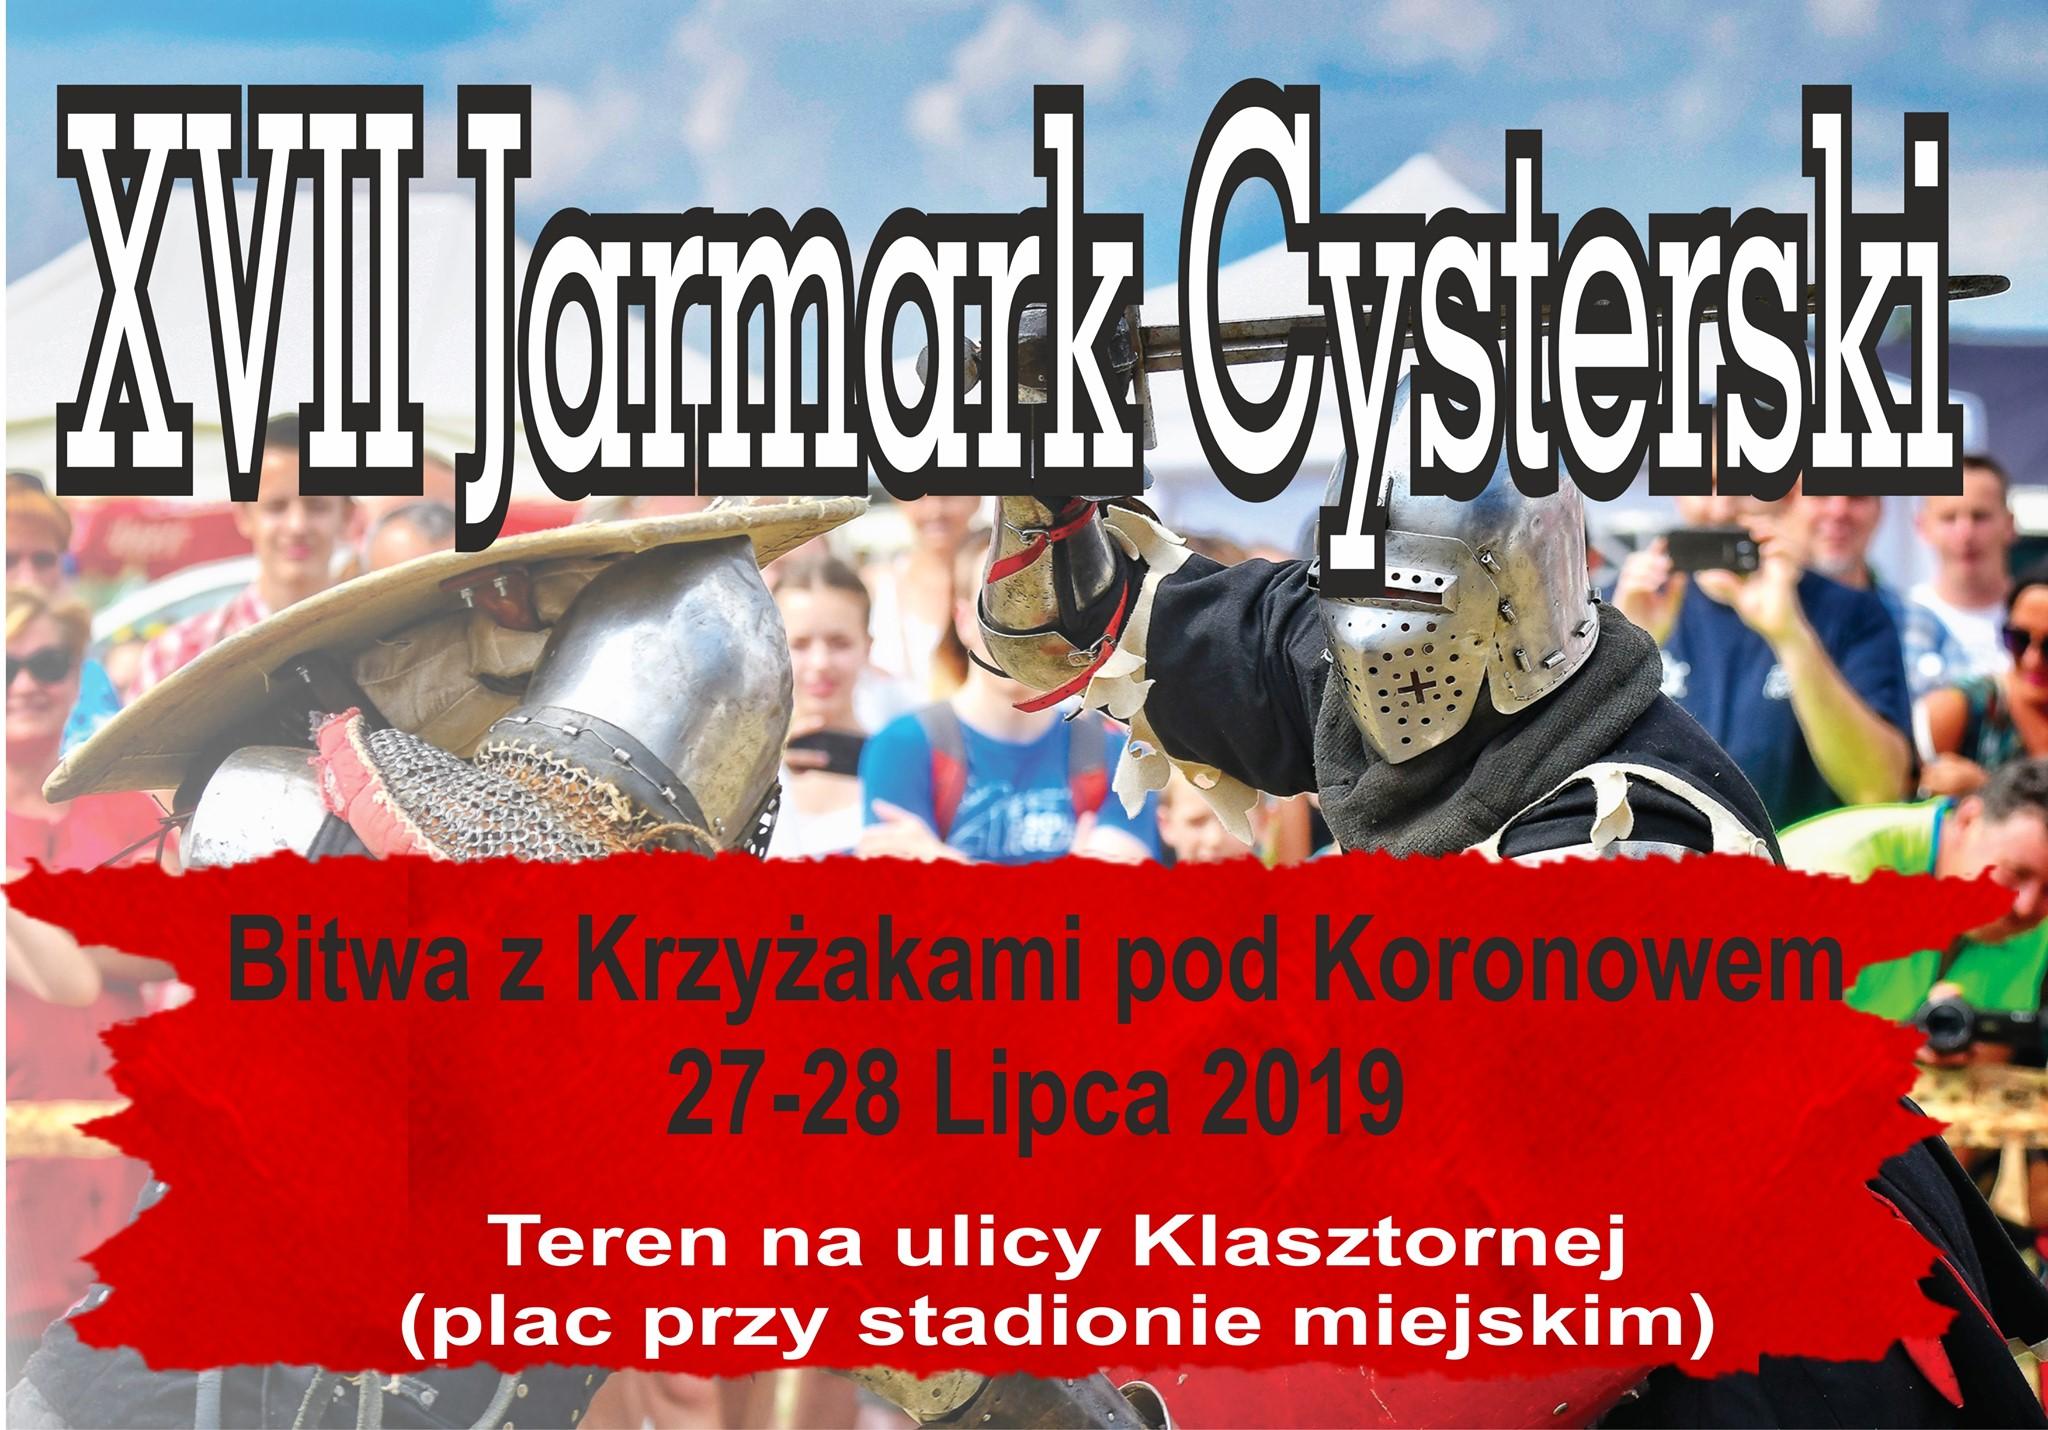 Już 27-28 Lipca odbędzie się XVII Jarmark Cysterski i inscenizacja Bitwy pod Koronowem z Krzyżakami